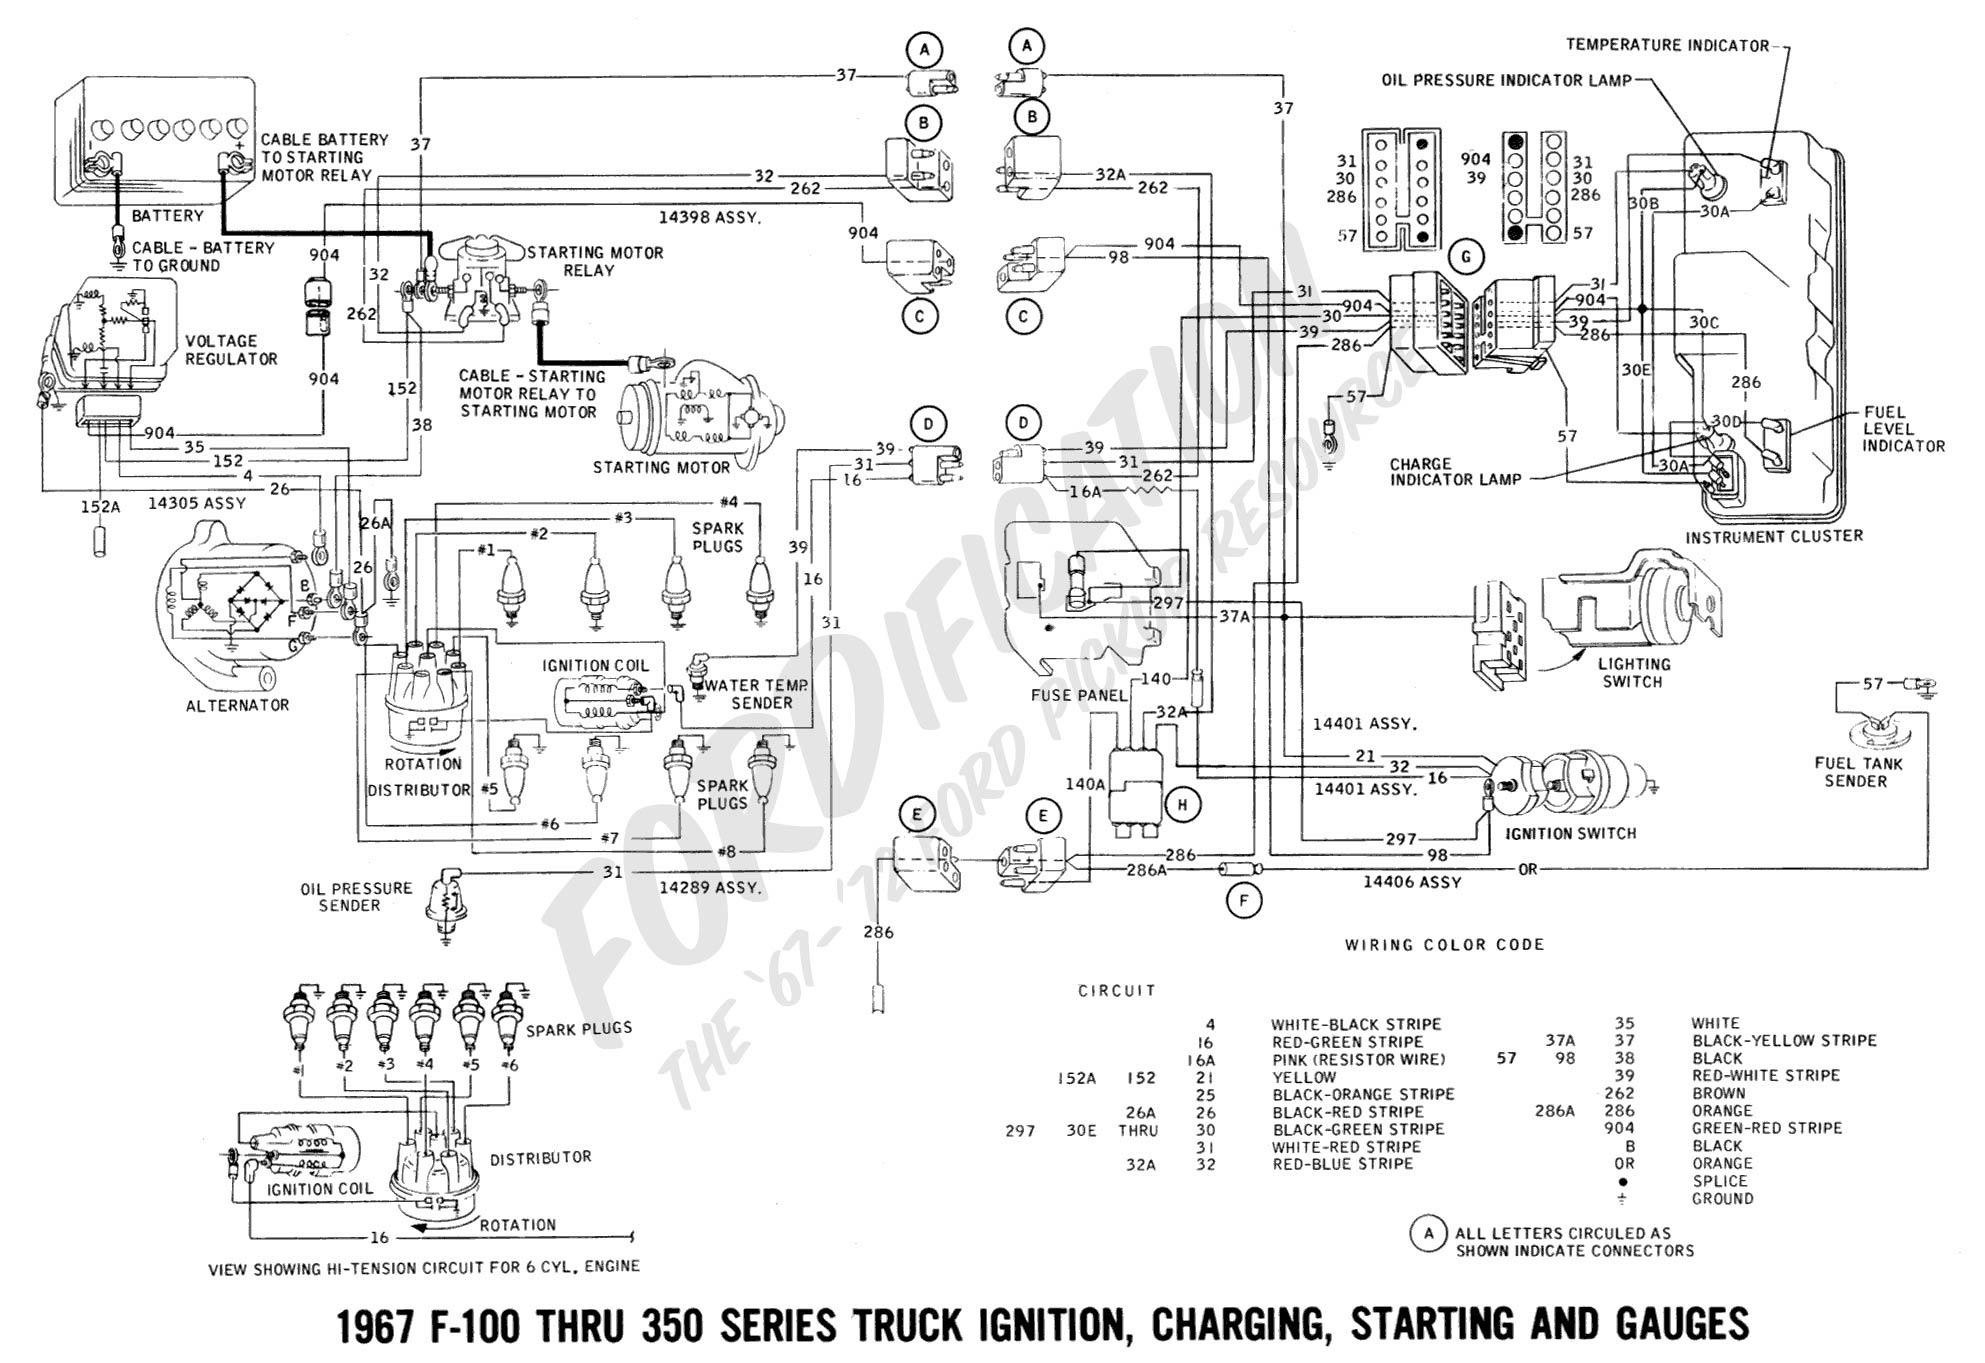 Techometer Wiring Diagram 1999 Ford Explorer - Wiring Diagrams Hubs - Ford F250 Wiring Diagram